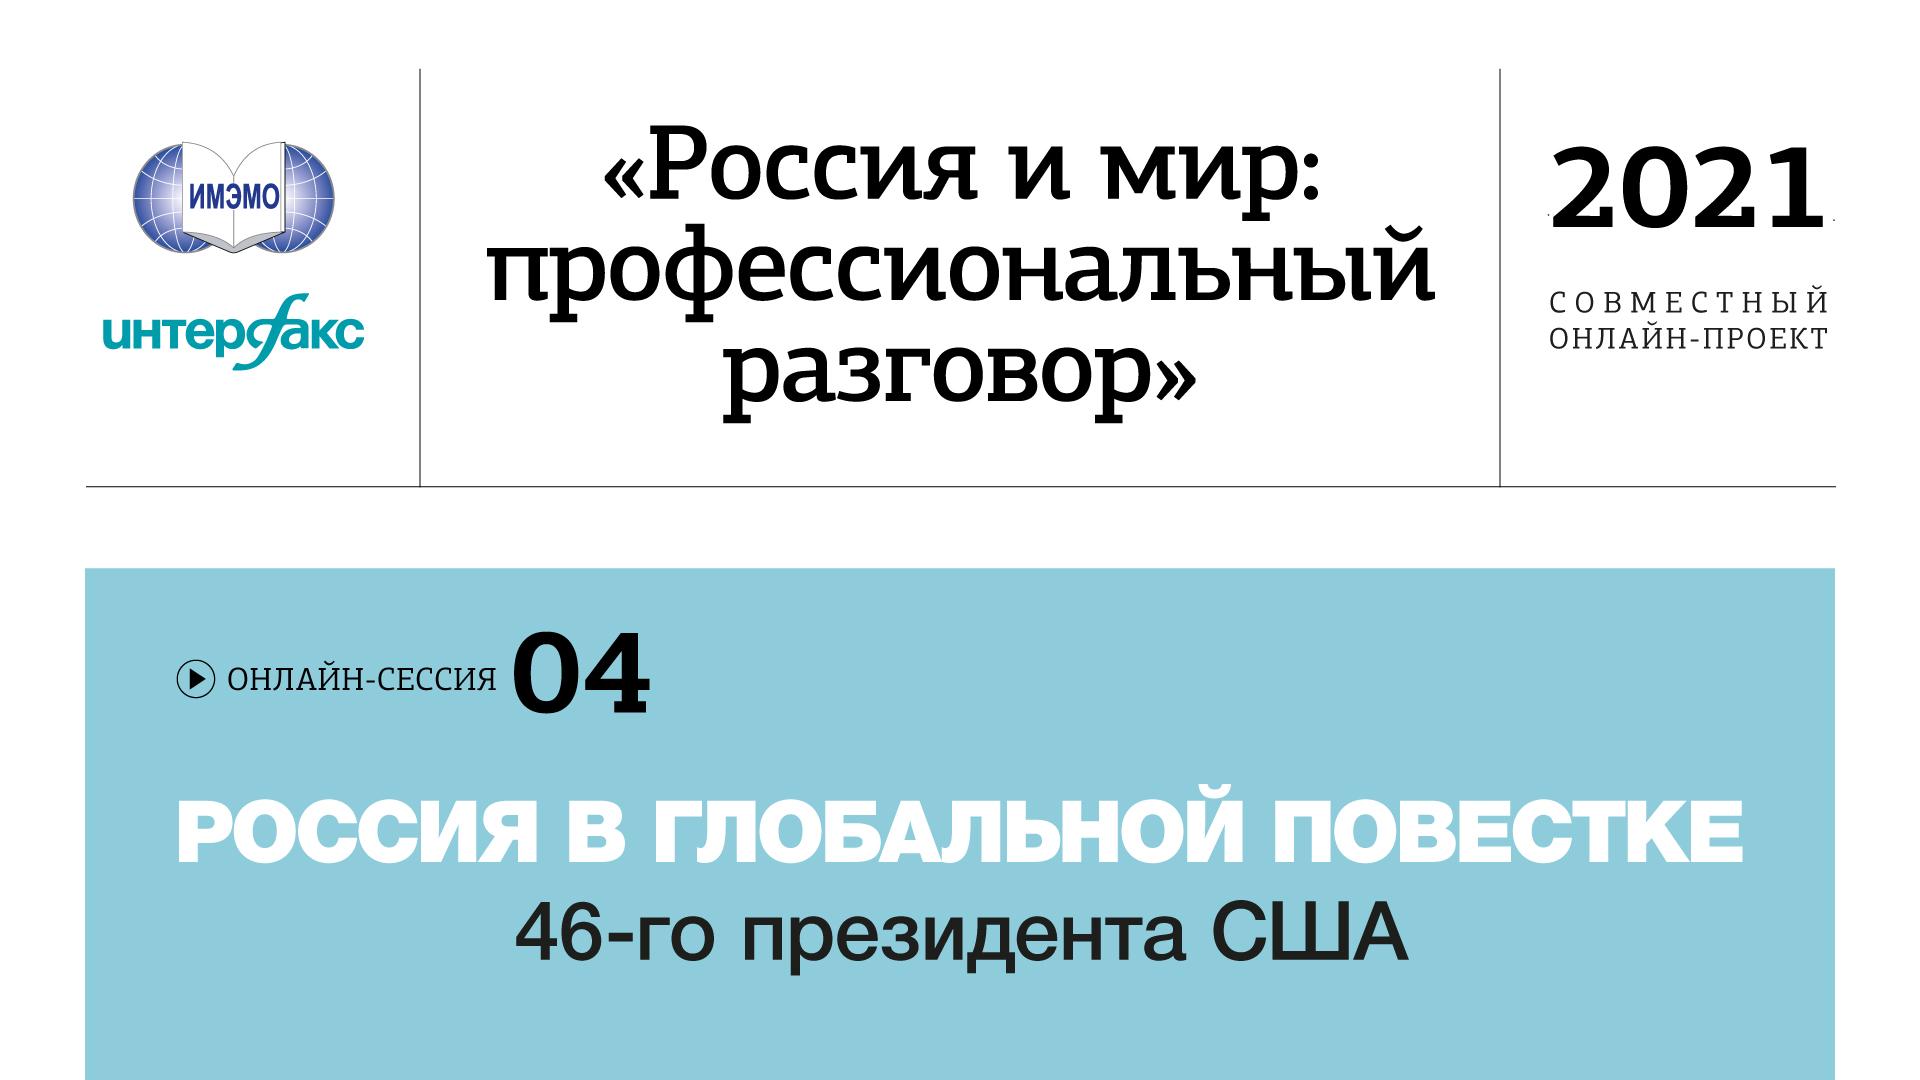 Российские и американские эксперты высказали свое мнение о том, что ждет Россию при новой администрации Джо Байдена (видео)